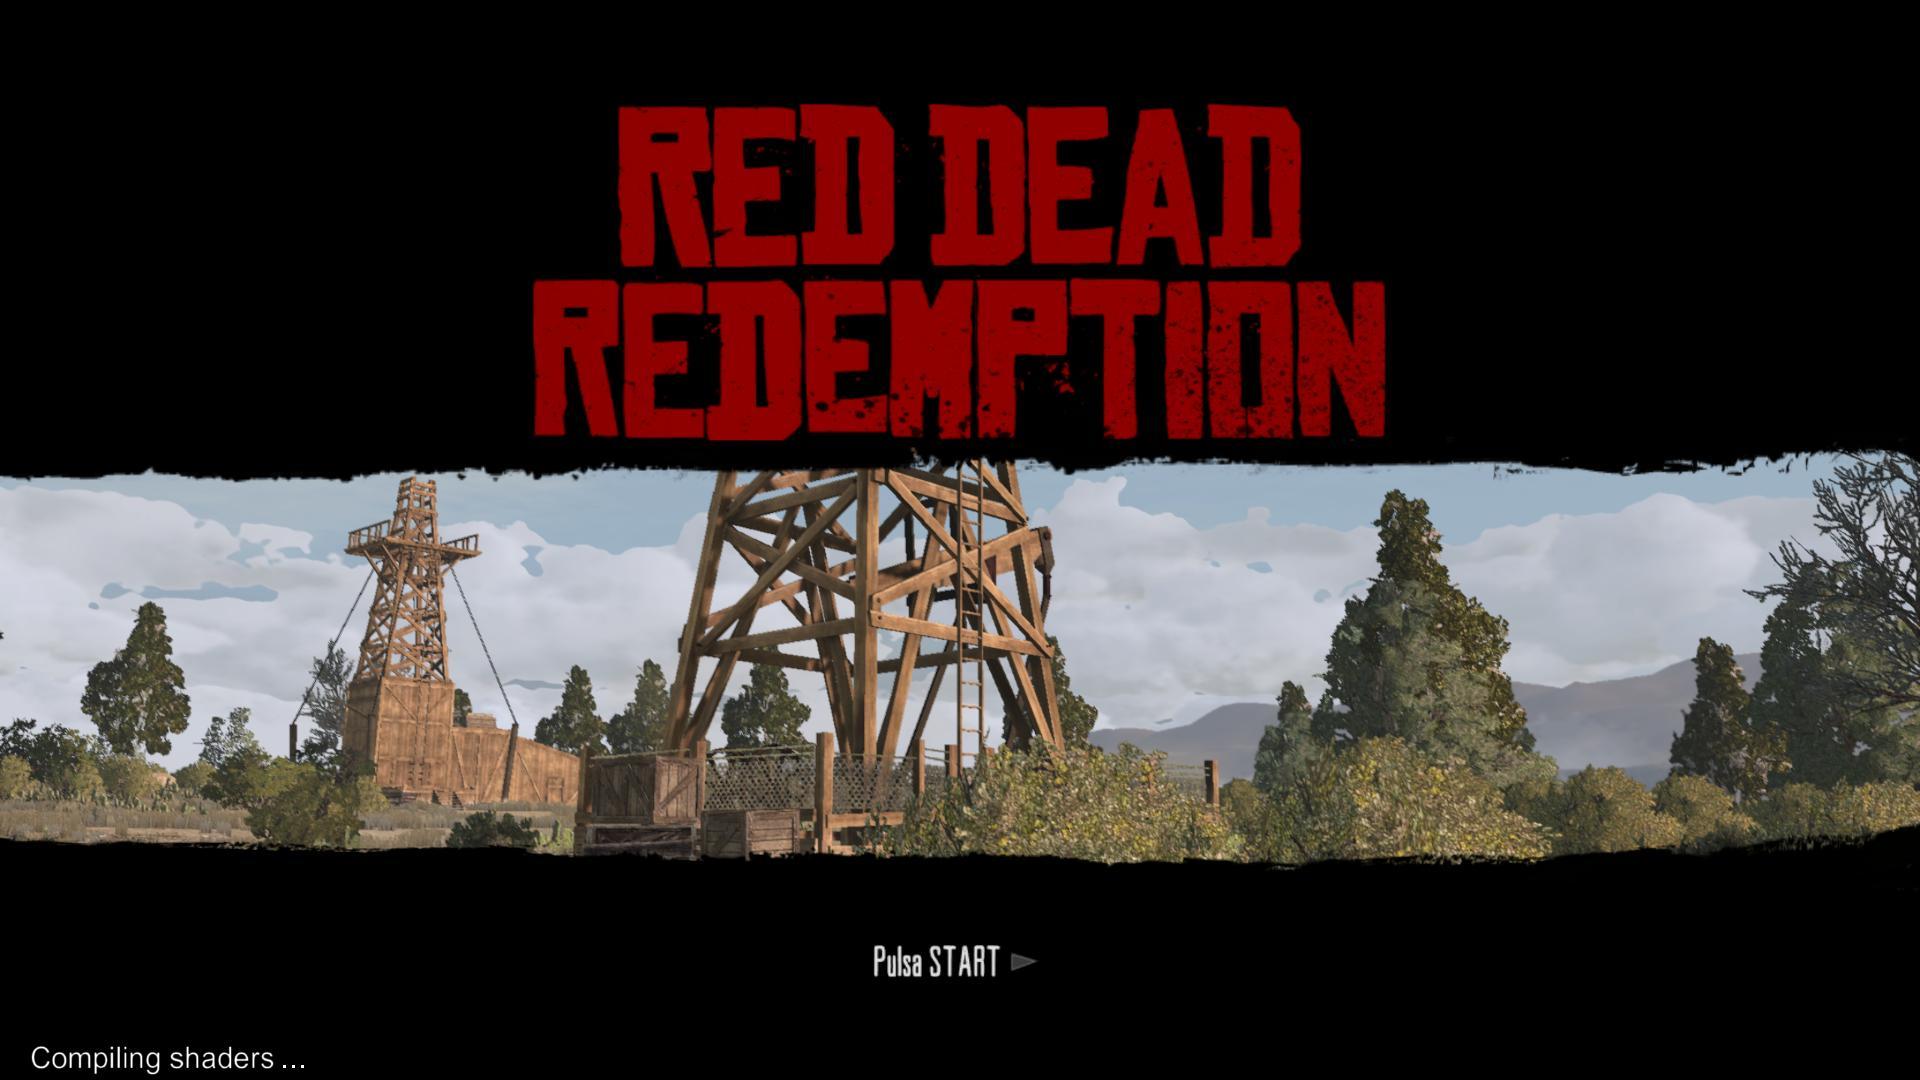 PS3 - RPCS3 (PS3 Emulator) - April 2019 Progress Report